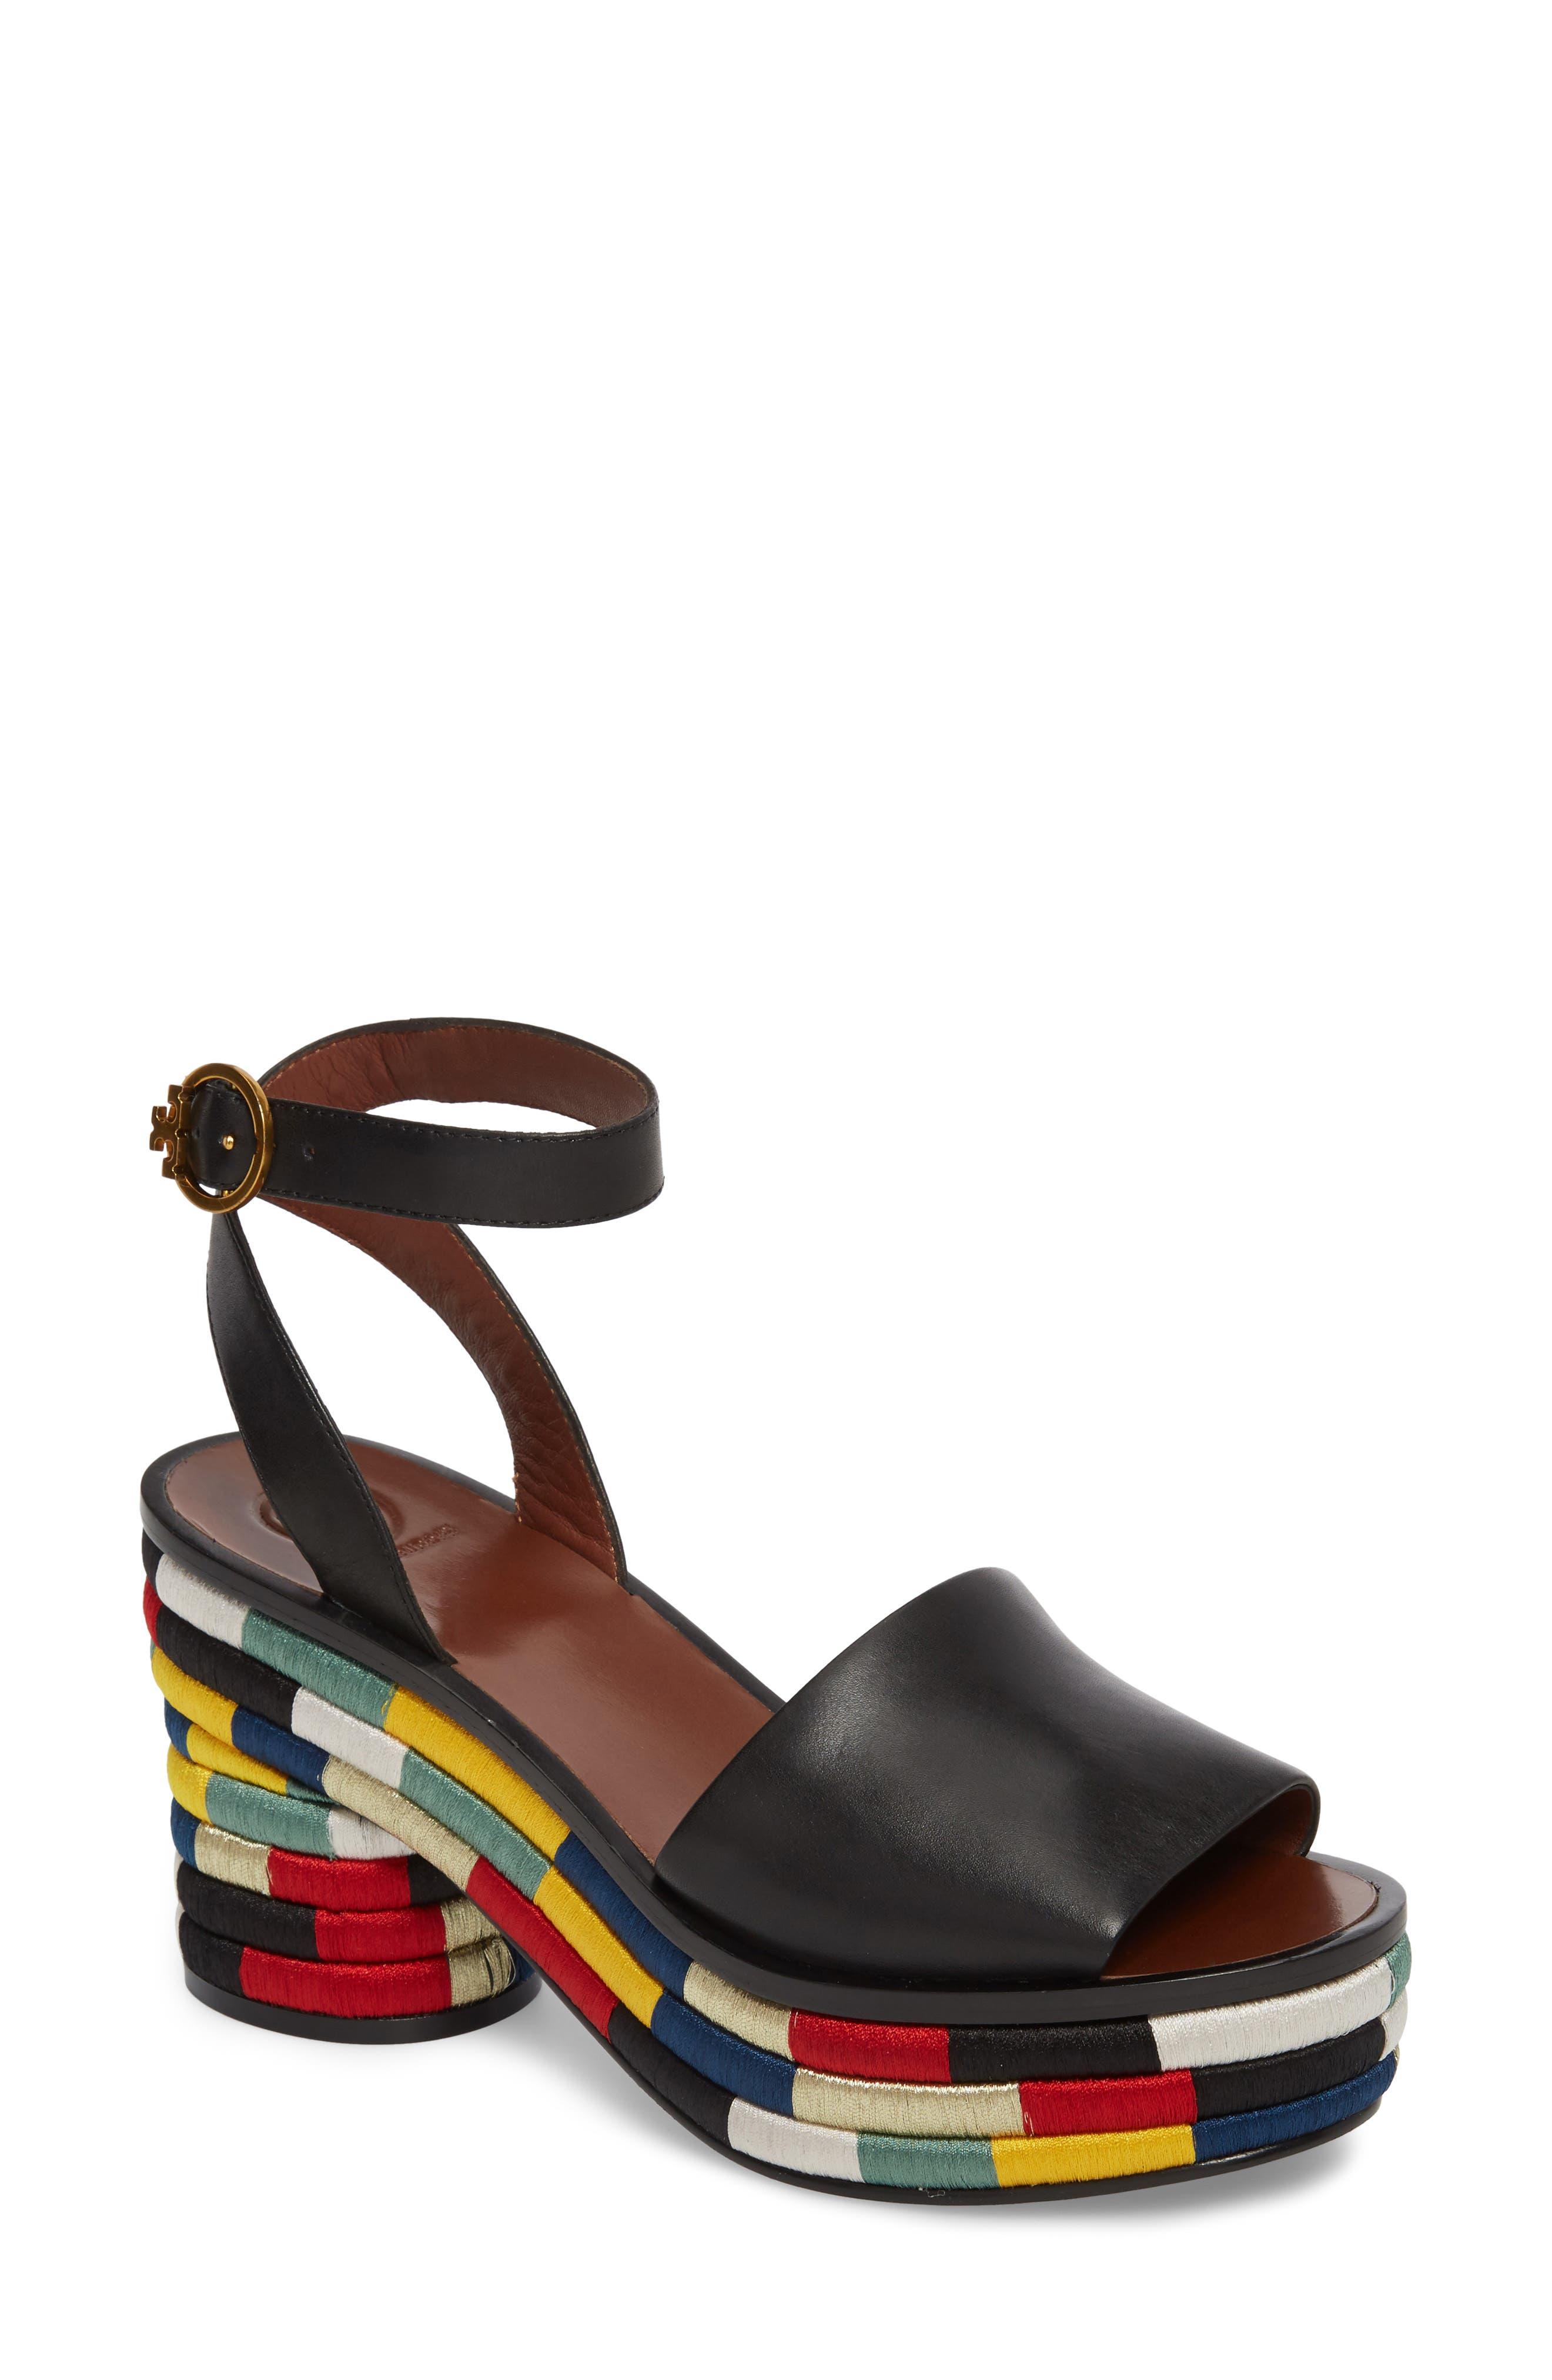 Camilla Embroidered Platform Sandal,                         Main,                         color,